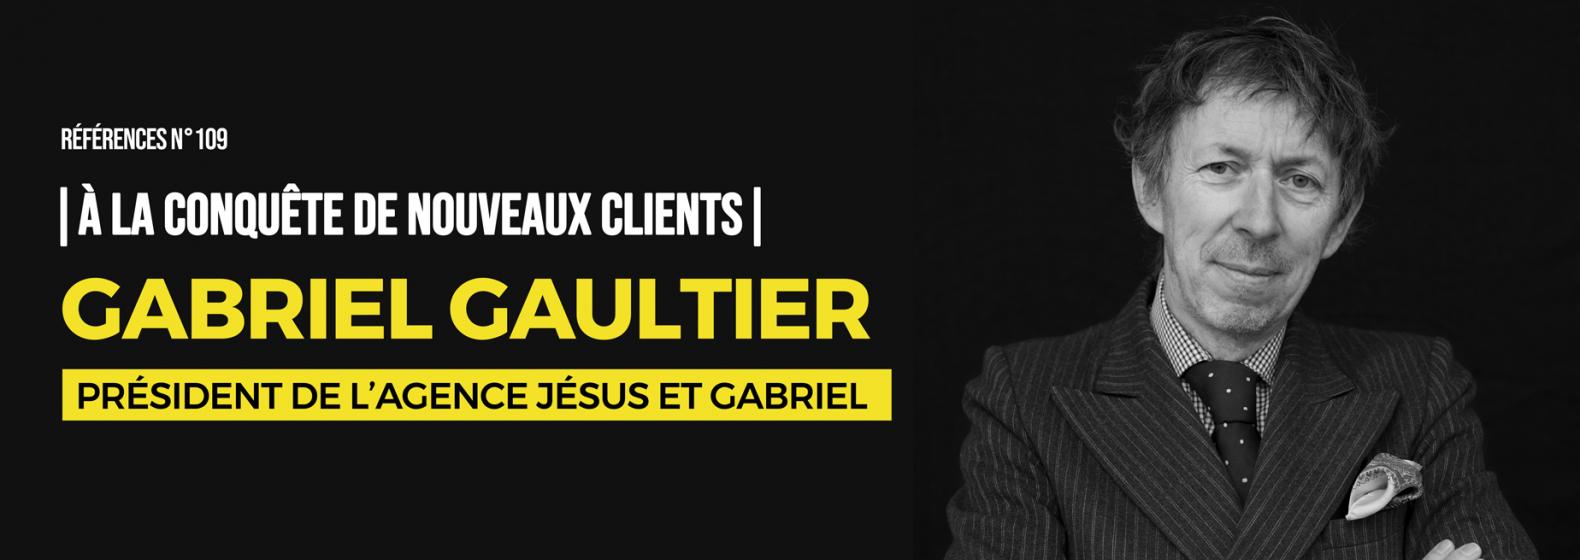 1-a_a-la-conquete-de-nouveaux-clients_gabriel-gaultier.png